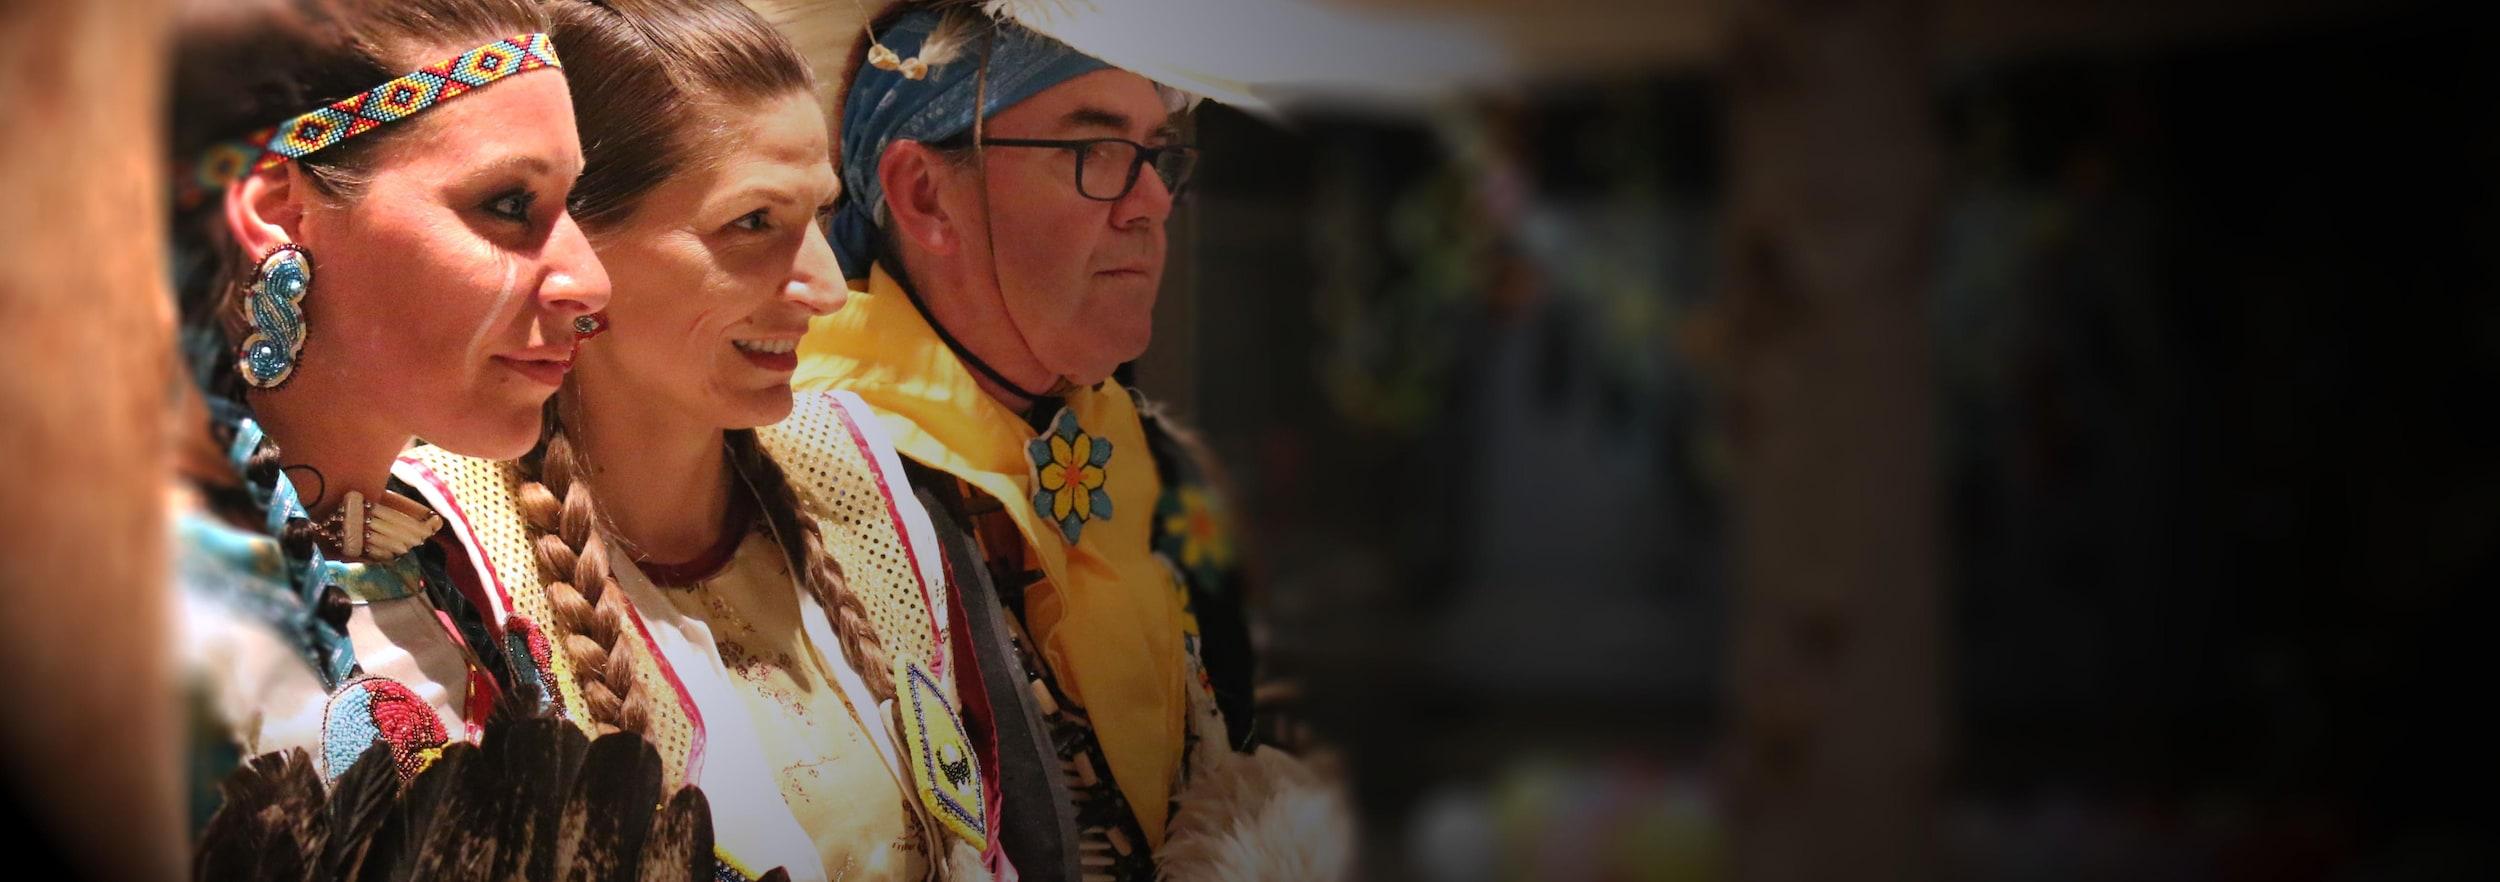 Trois danseurs de pow-wow (deux femmes et un homme) en habits traditionnels. Ils regardent tous vers la droite.